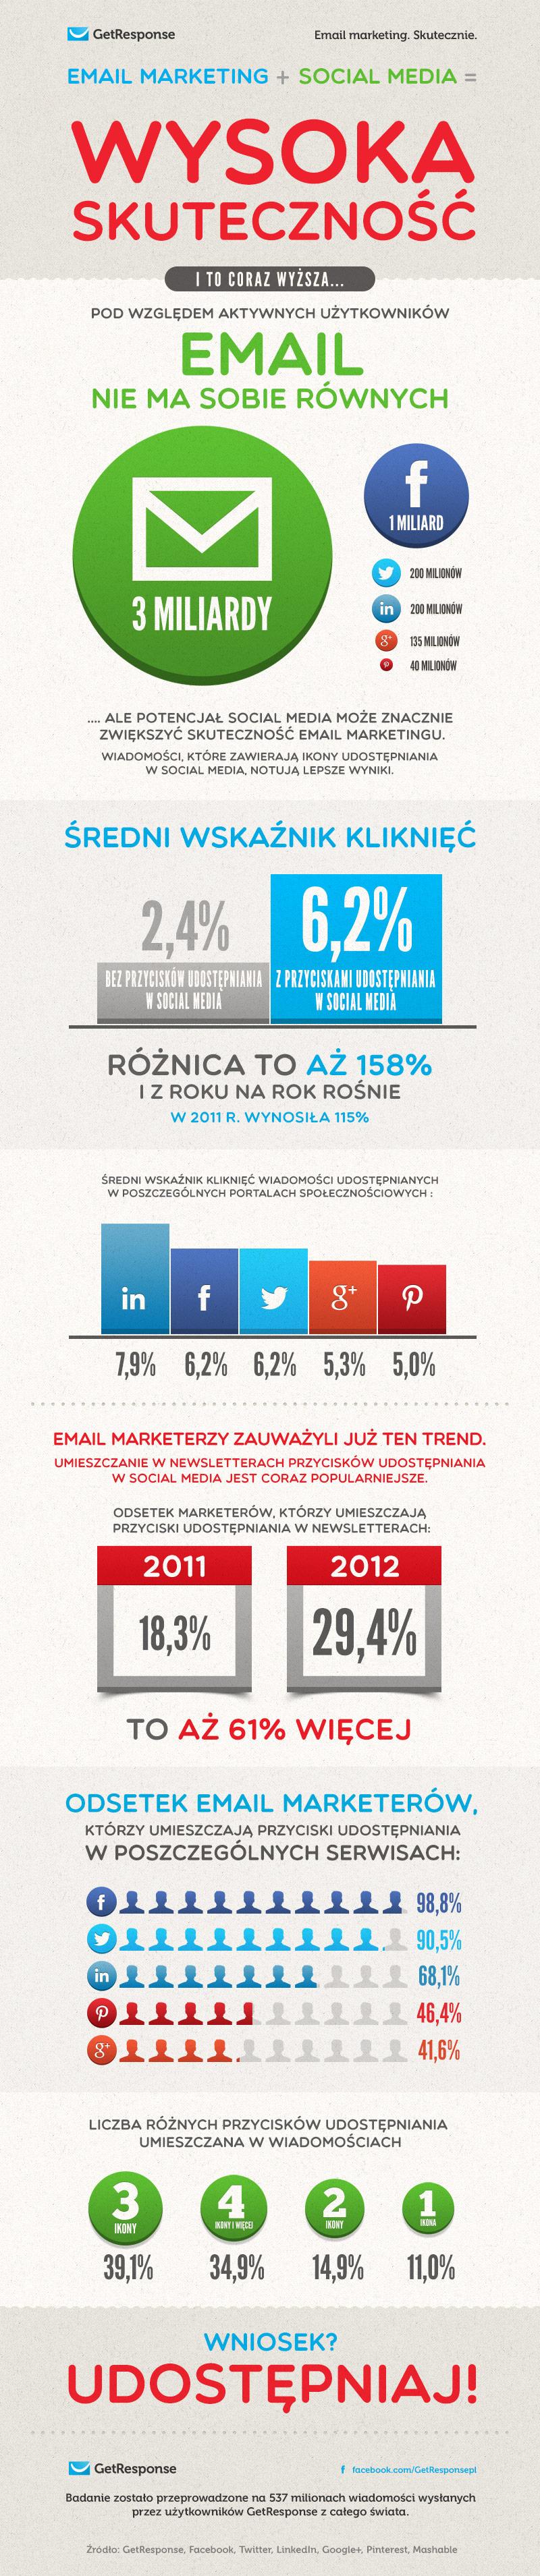 Wpływ social media na skuteczność email marketingu.